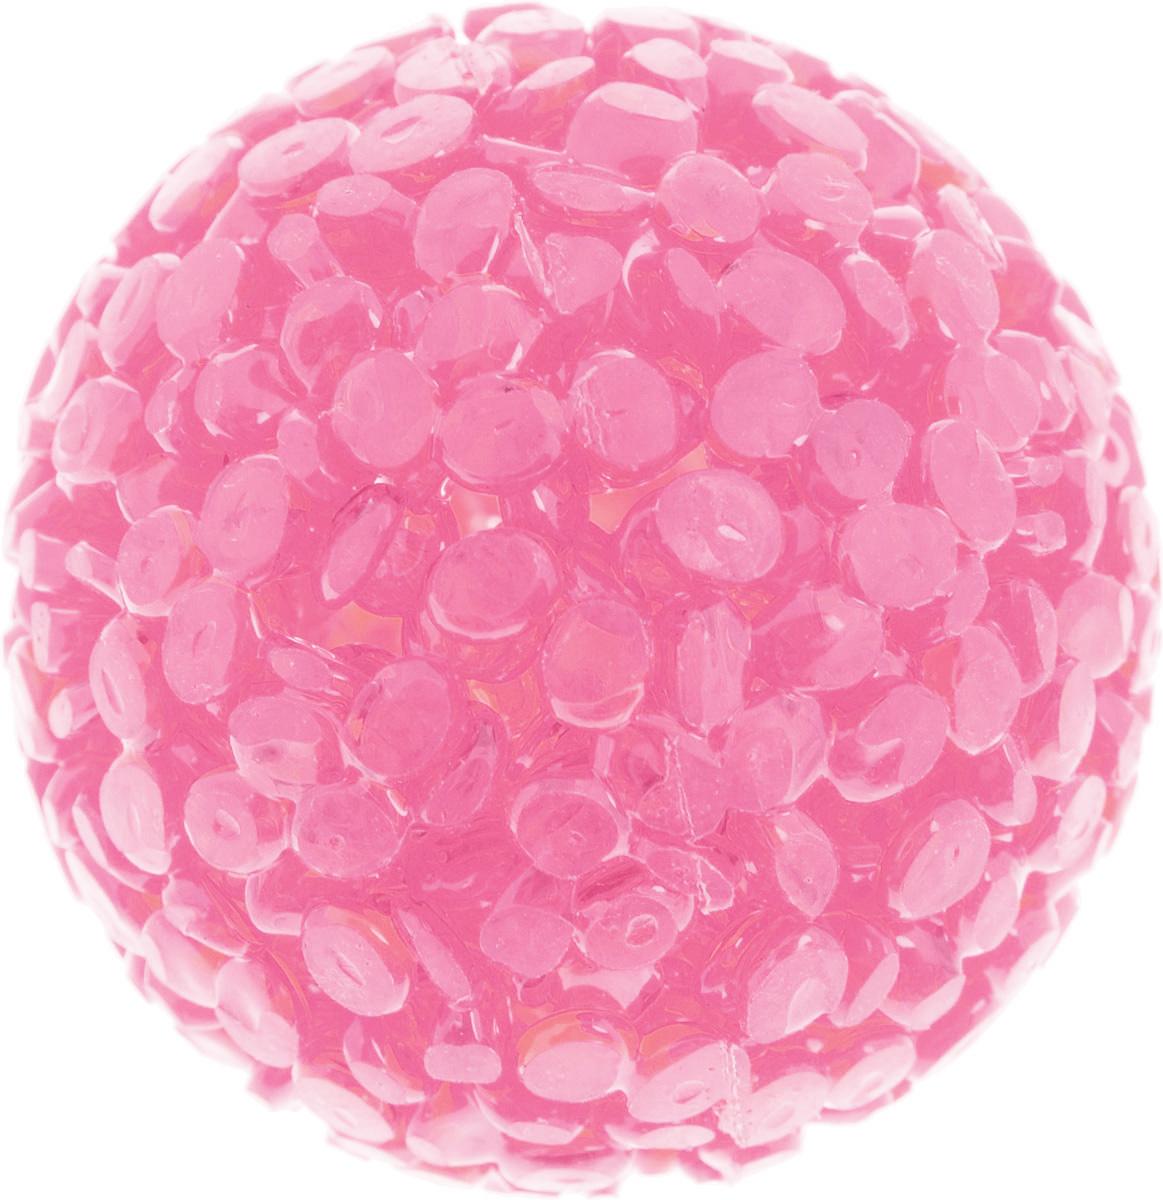 Игрушка для животных Каскад Мячик блестящий, цвет: розовый, диаметр 4 см27799310Игрушка для животных Каскад Мячик блестящий изготовлена из высококачественной синтетики. Внутри изделия имеется небольшой бубенчик, который привлечет внимание питомца. Такая игрушка порадует вашего любимца, а вам доставит массу приятных эмоций, ведь наблюдать за игрой всегда интересно и приятно. Диаметр игрушки: 4 см.